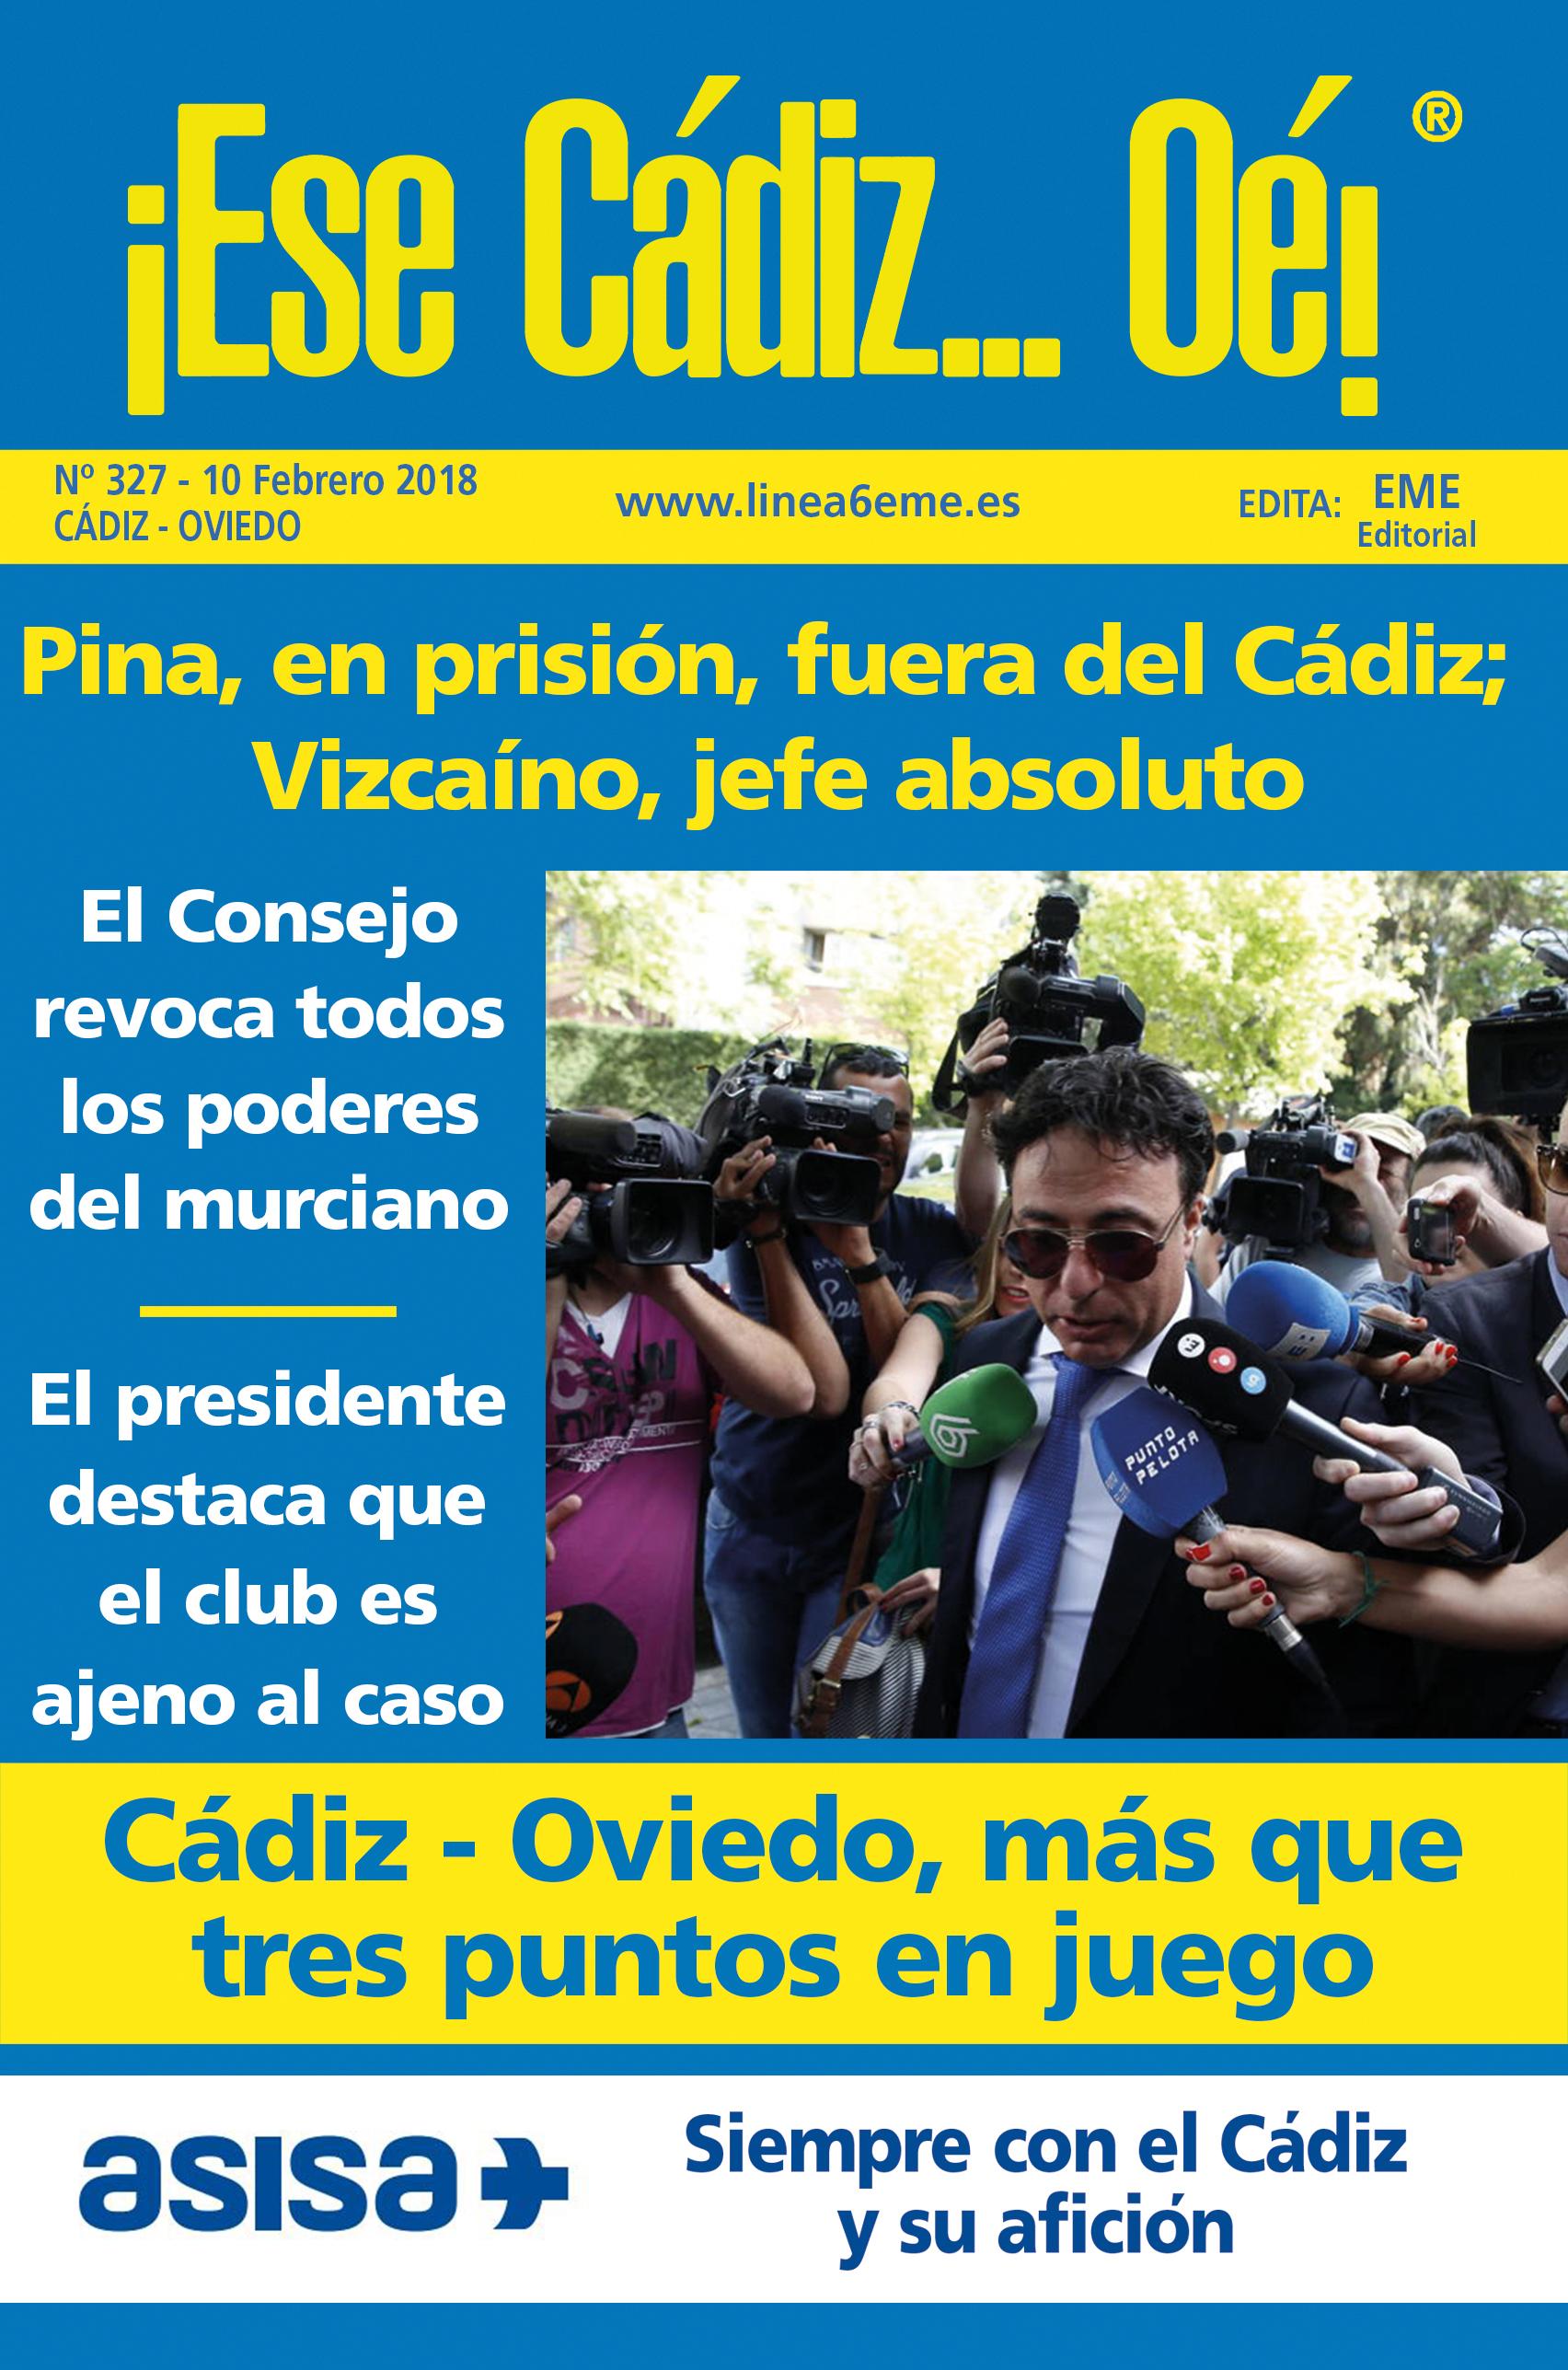 ¡Ese Cádiz…Oé! núm. 327 Temporada 2017/18